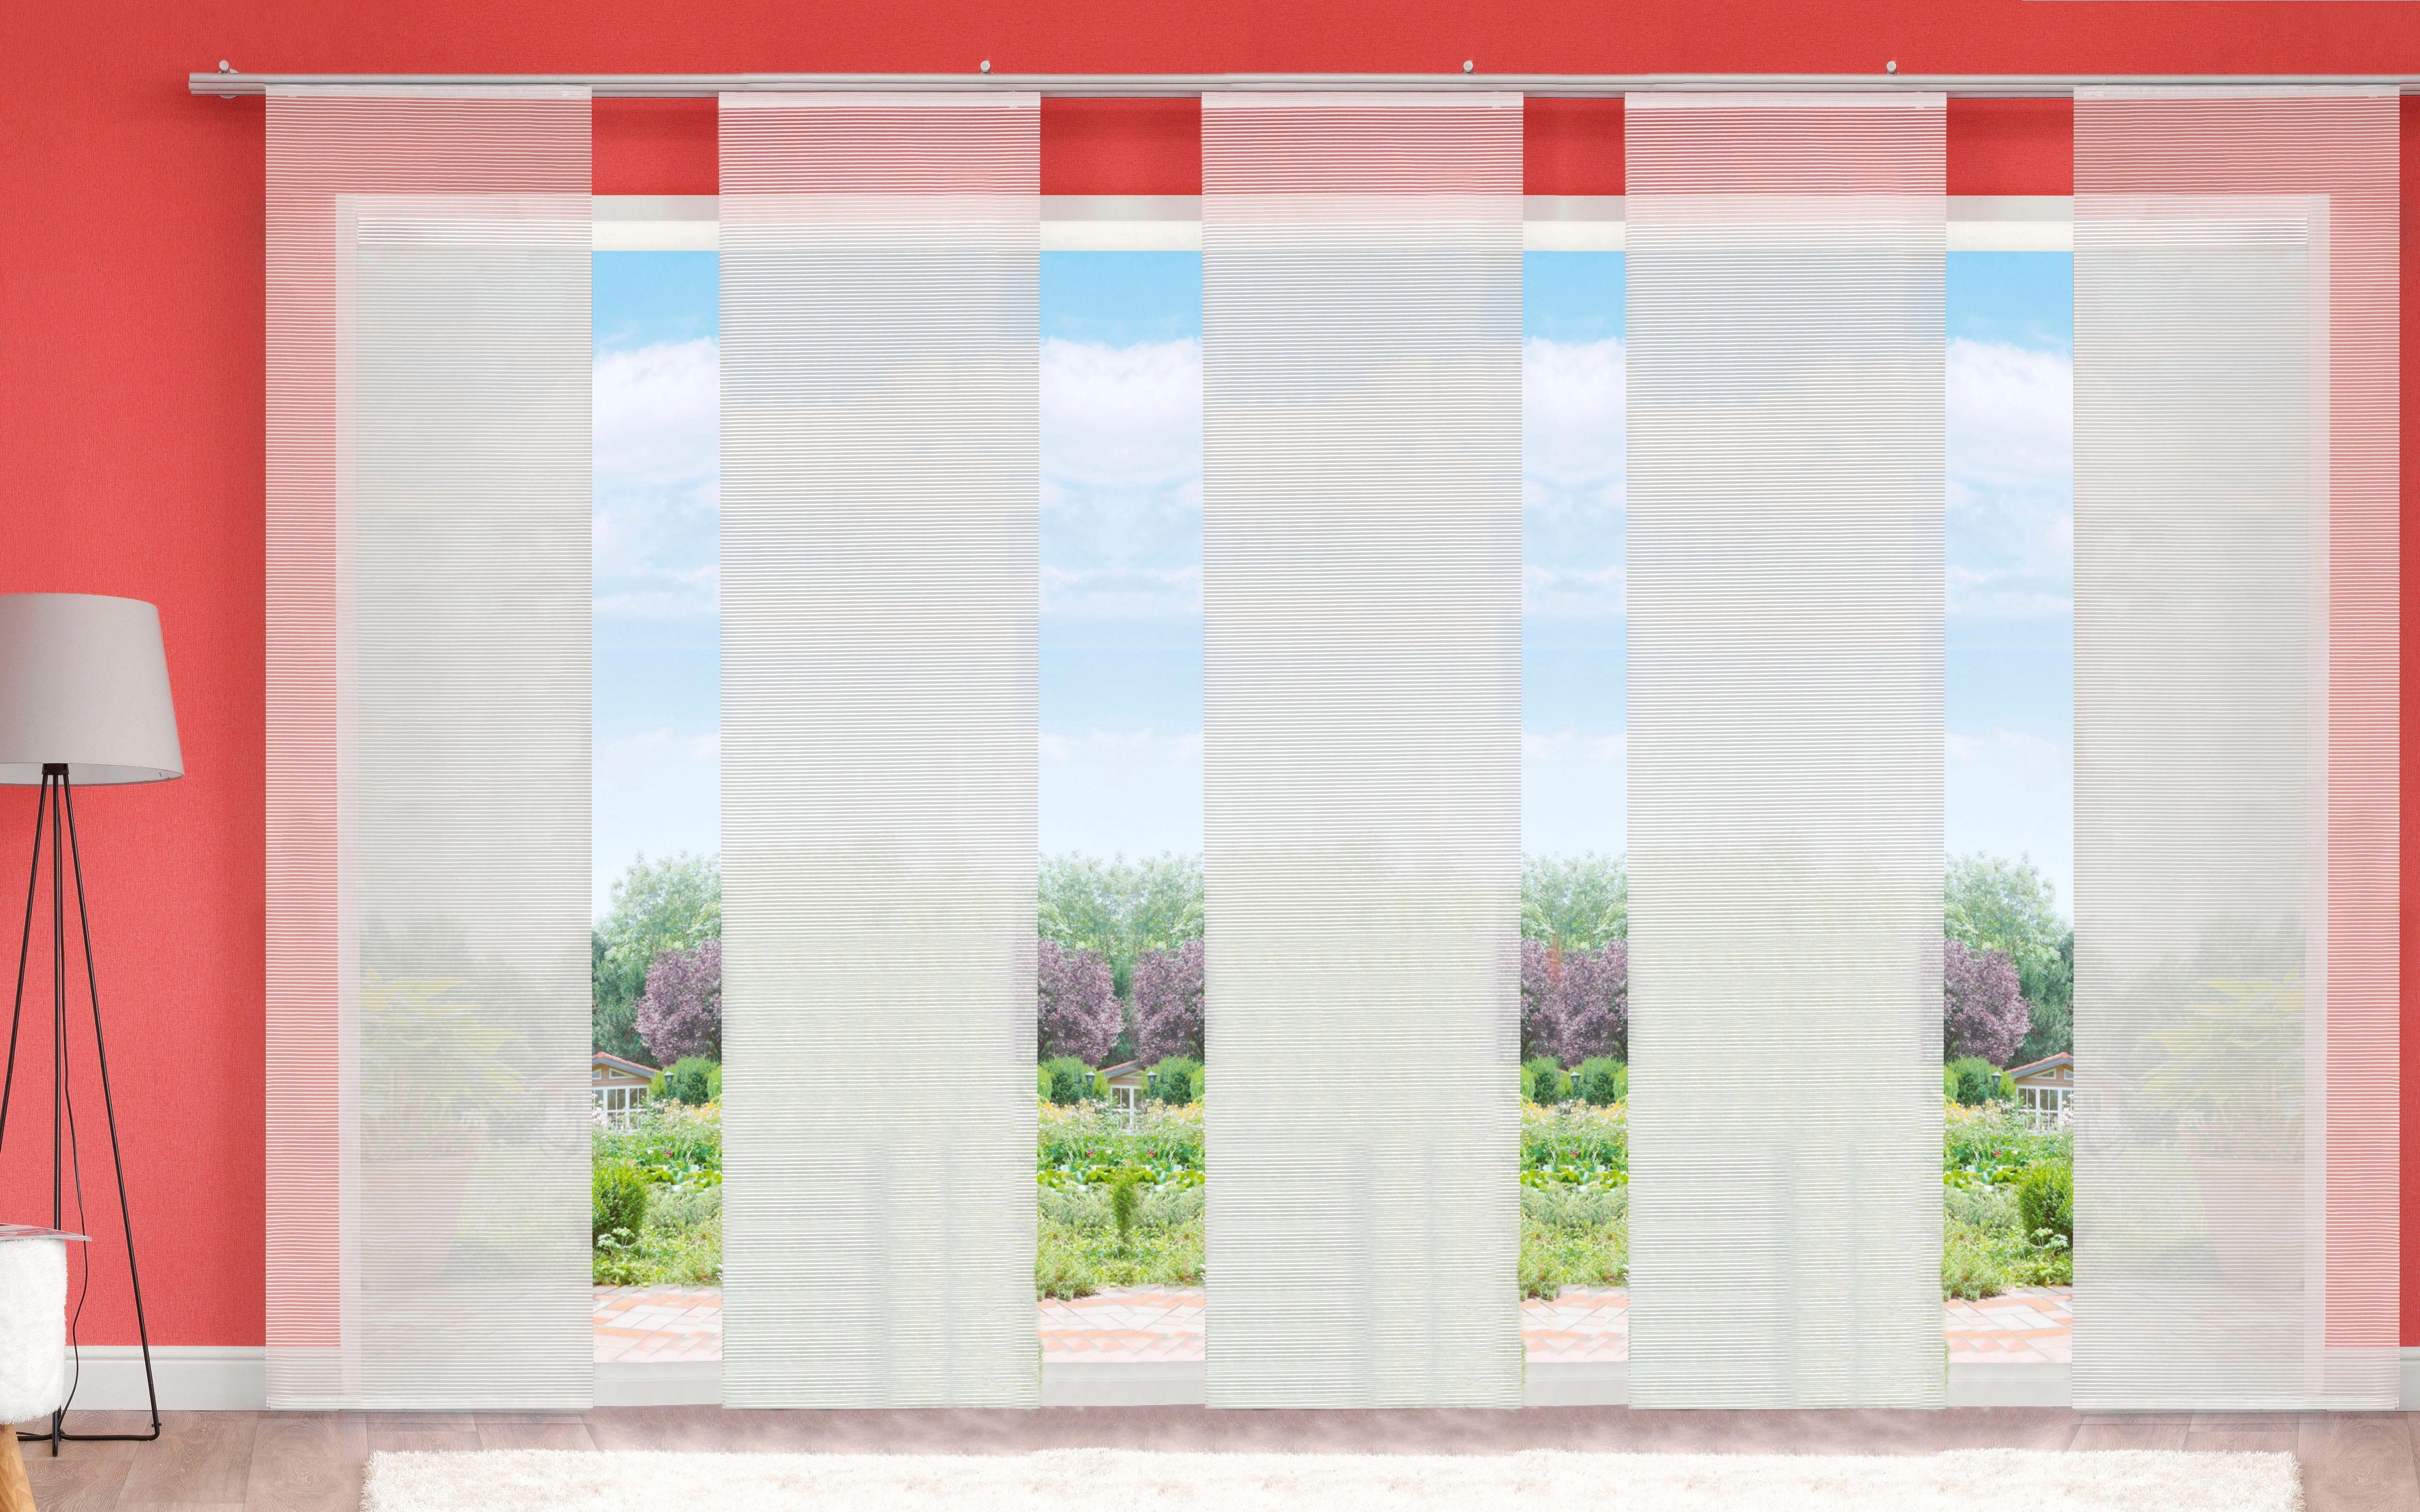 Schiebegardine »LUKKI«, HOME WOHNIDEEN, Klettband (5 Stück), inkl. Befestigungszubehör